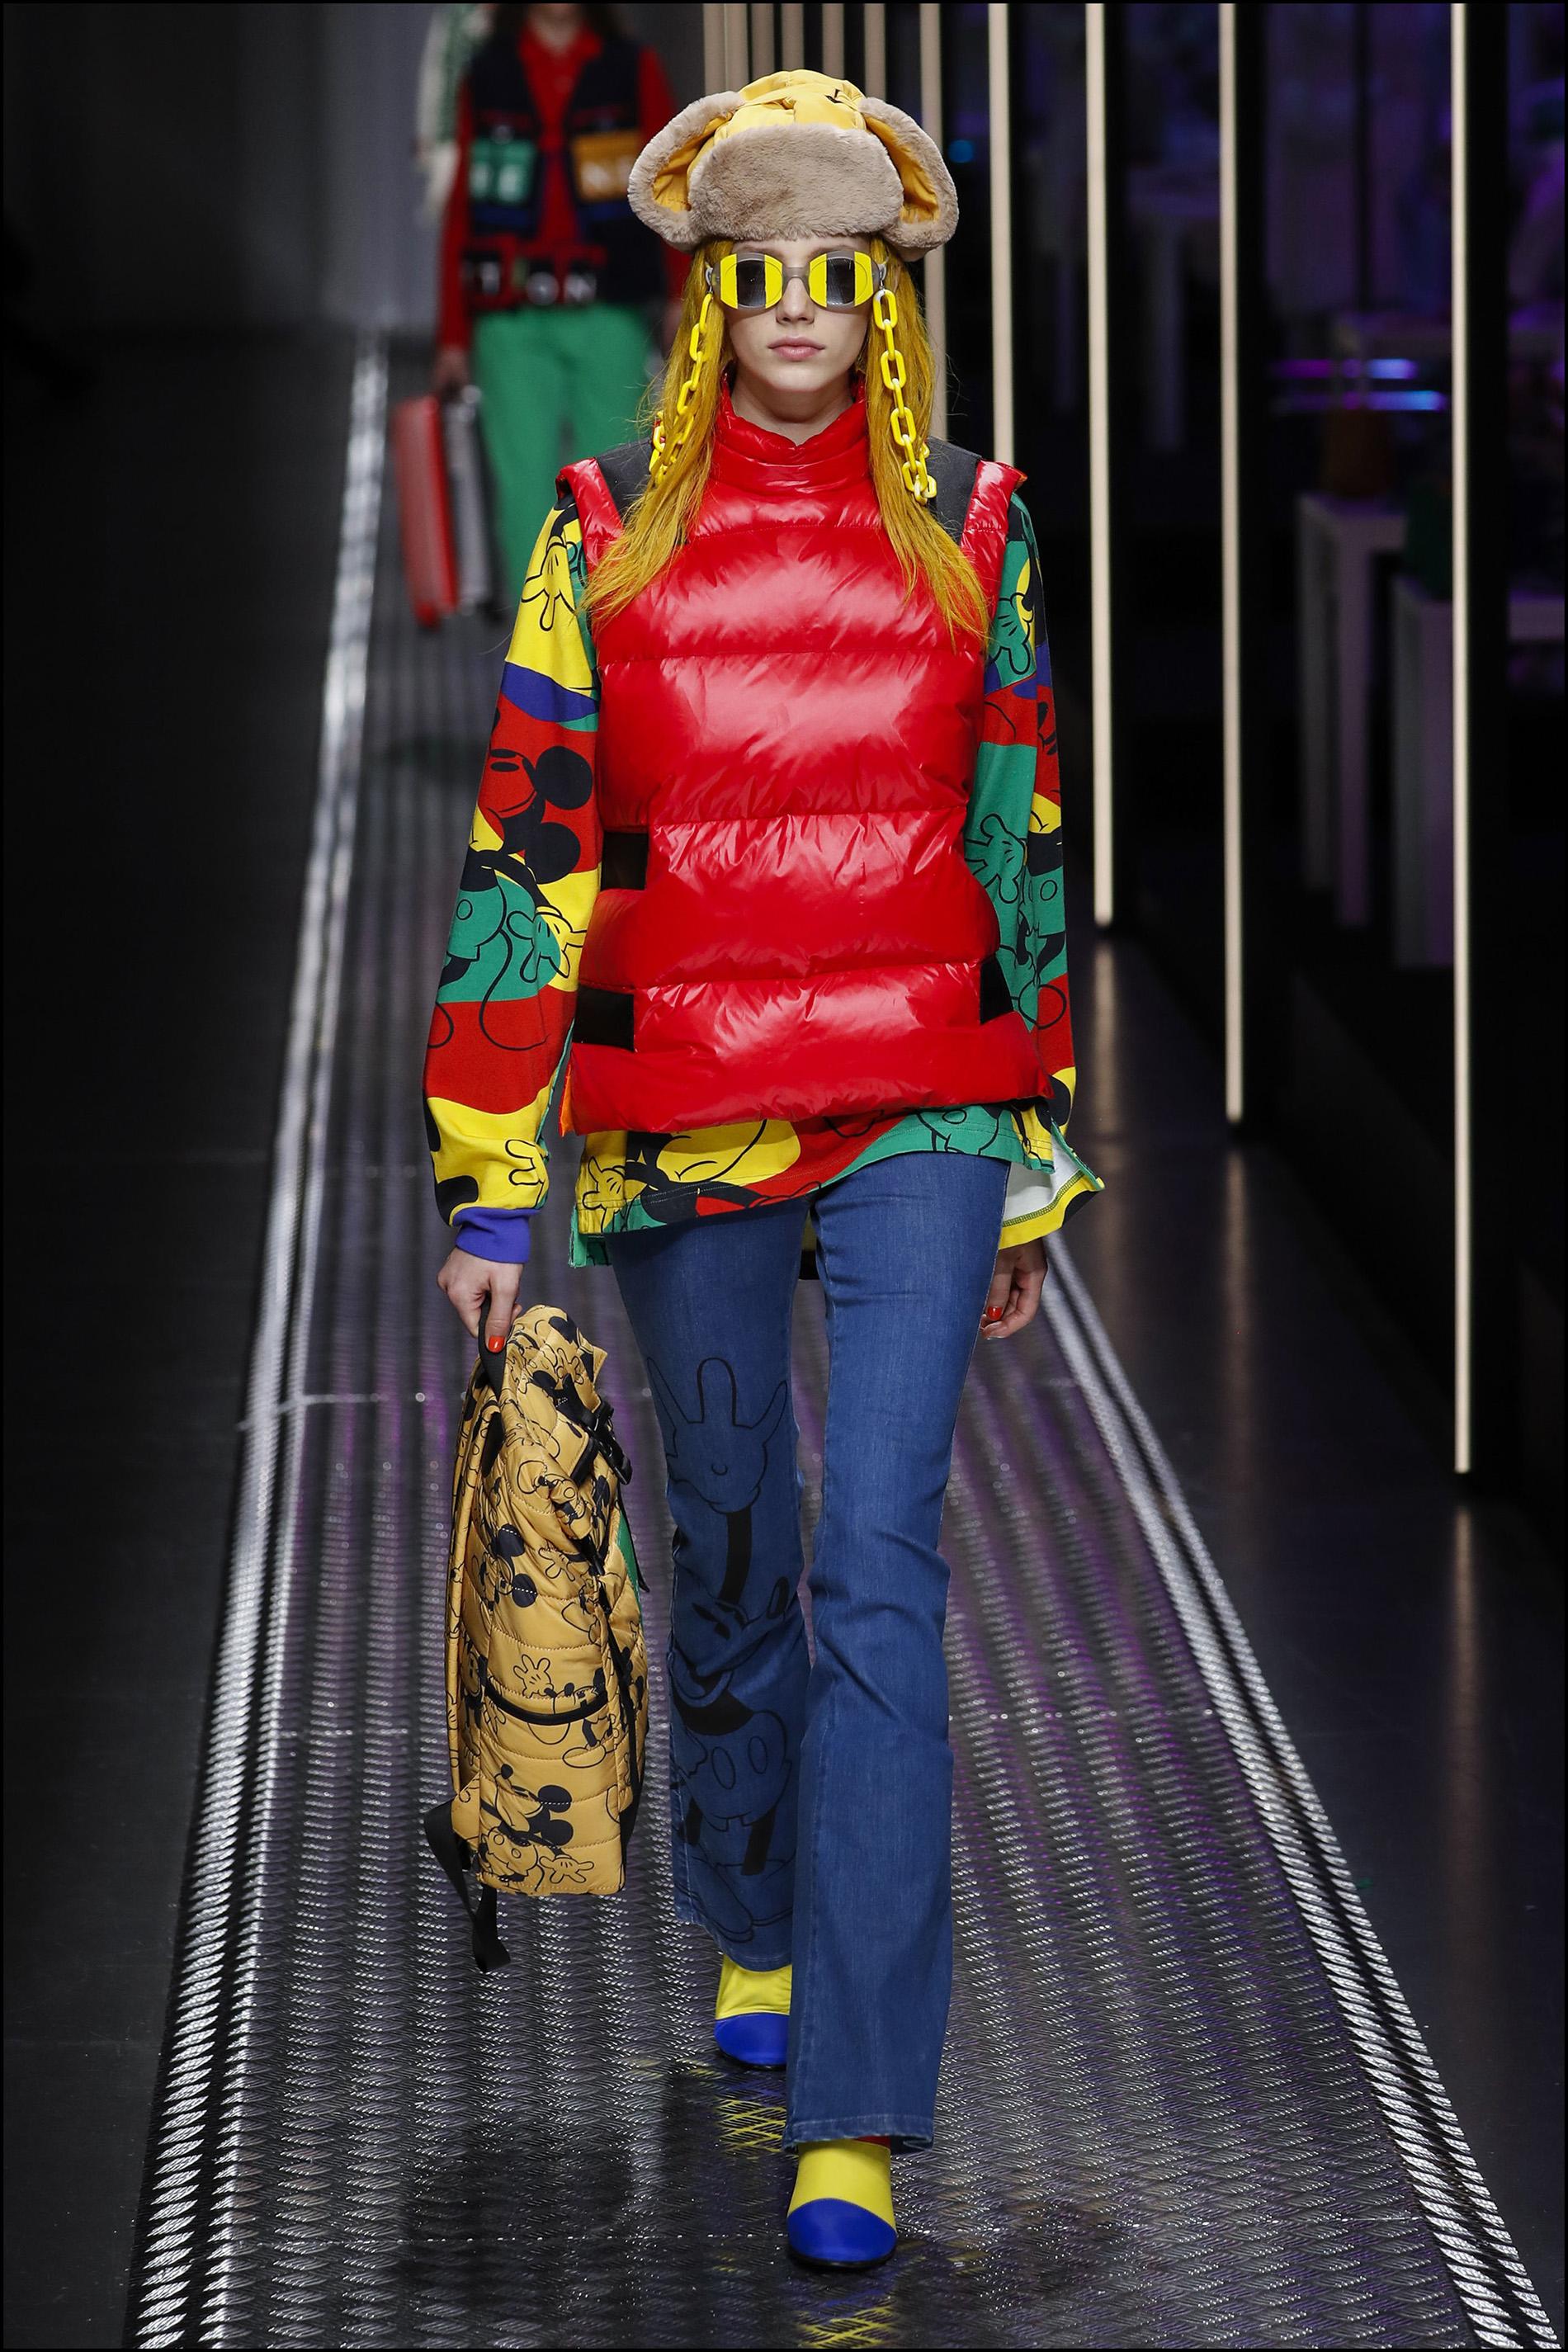 """DÈfilÈ de mode """"Benetton"""" PAP automne-hiver 2019/2020 lors de la fashion week de Milan. Le 19 fÈvrier 2019 Benetton fashion show F/W 2019/2020 in New York. On february 19th 2019"""